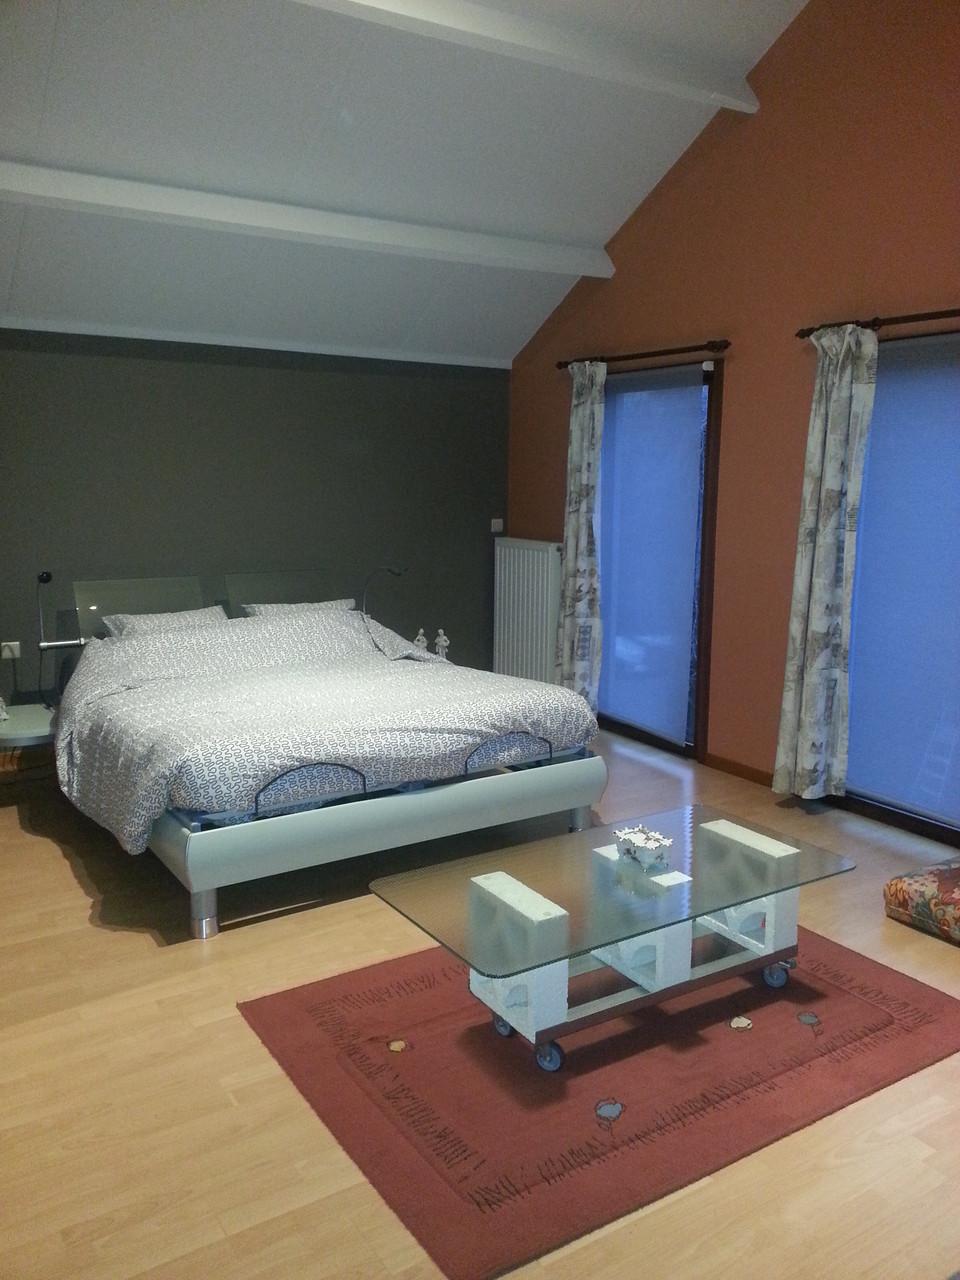 Slaapkamer + zetelbed